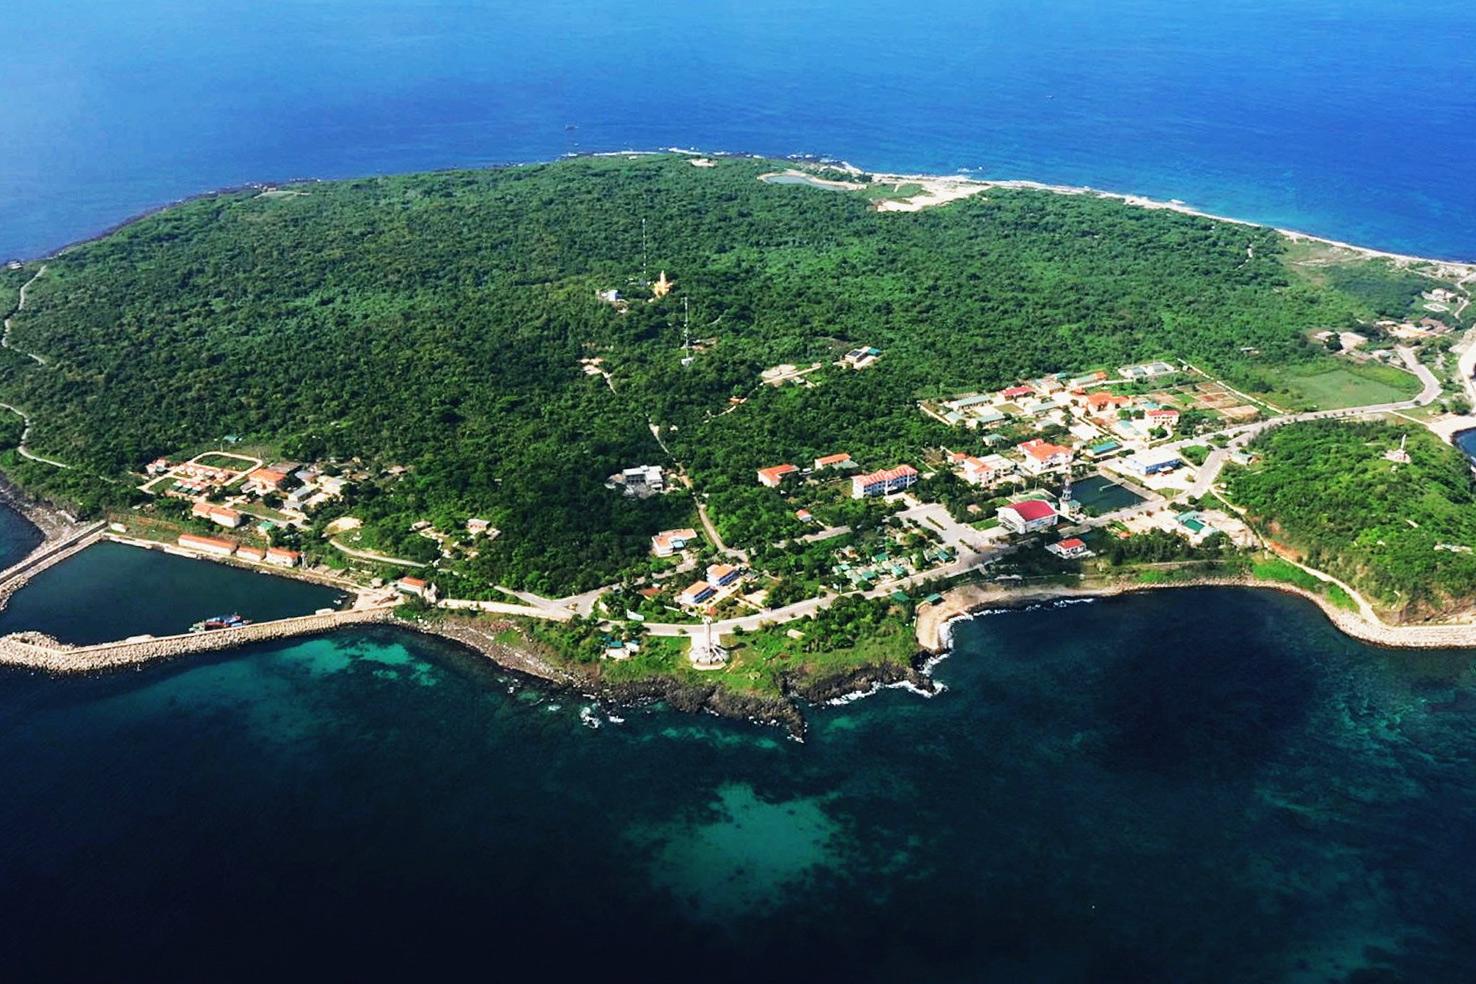 Lịch sử đảo Cồn Cỏ – từ huyền thoại đến thực tại